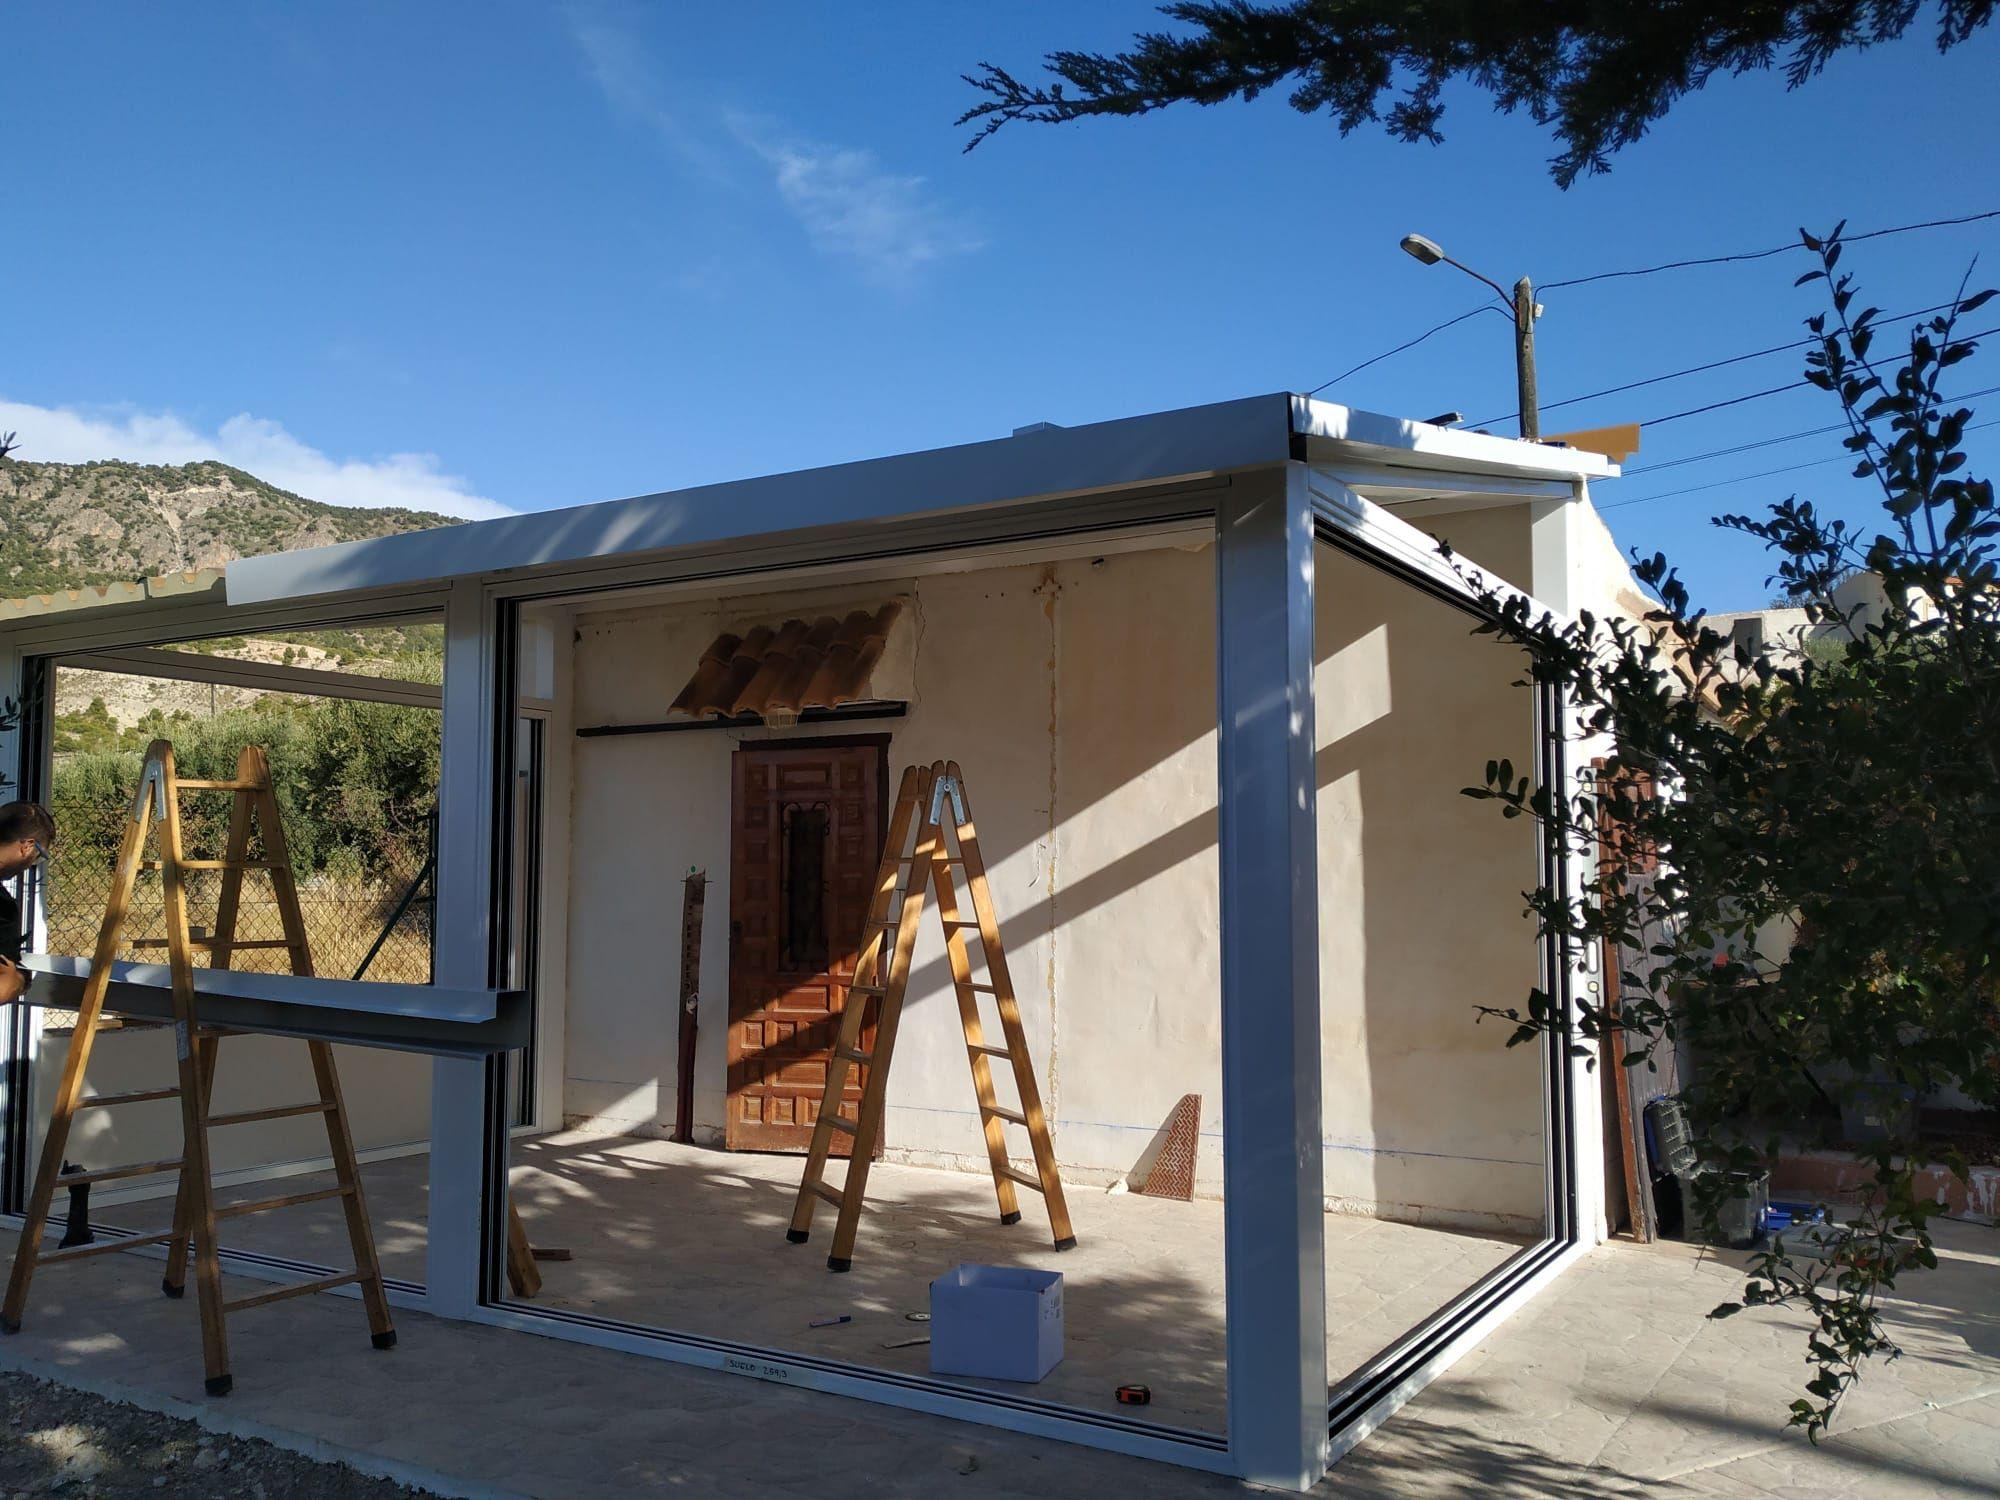 Colocación de techos y marcos para correderas:  de LMC Glass